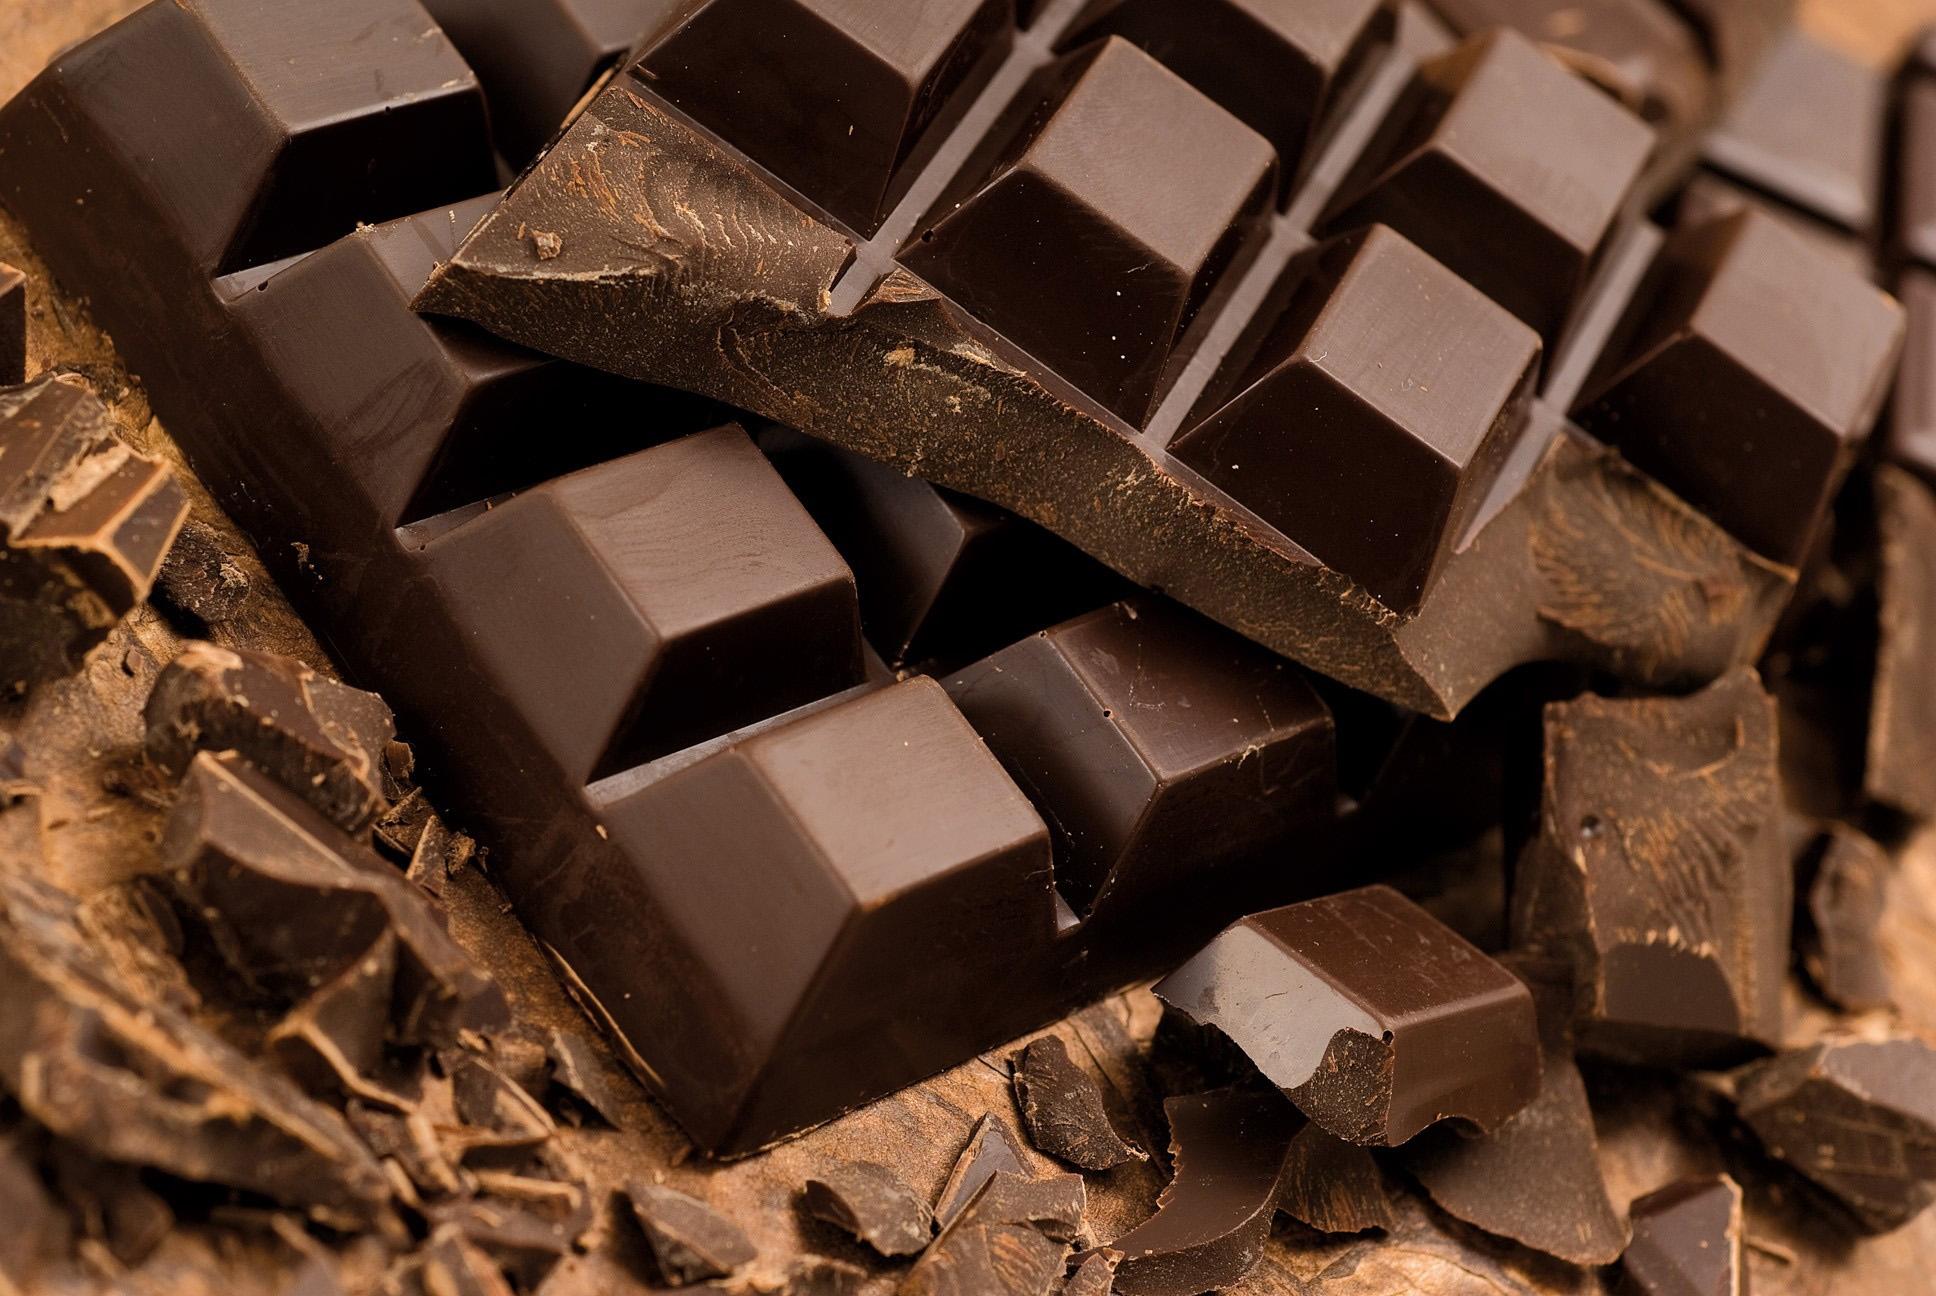 Țările membre ale Uniunii Europene au produs 4 milioane de tone de ciocolată, în valoare de 18,3 miliarde de euro